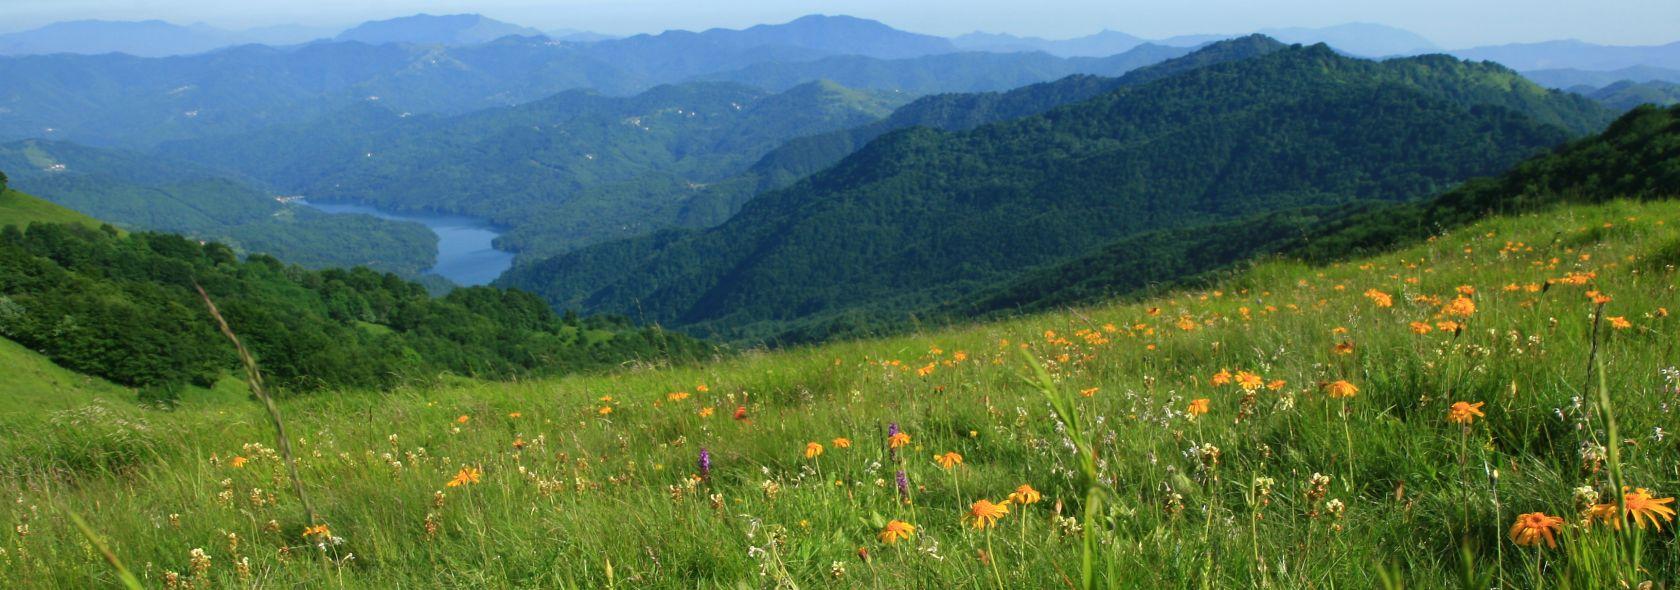 M.Antola vetta con fioritura Arnica montana e sullo sfondo il Lago Brugneto_ Fot